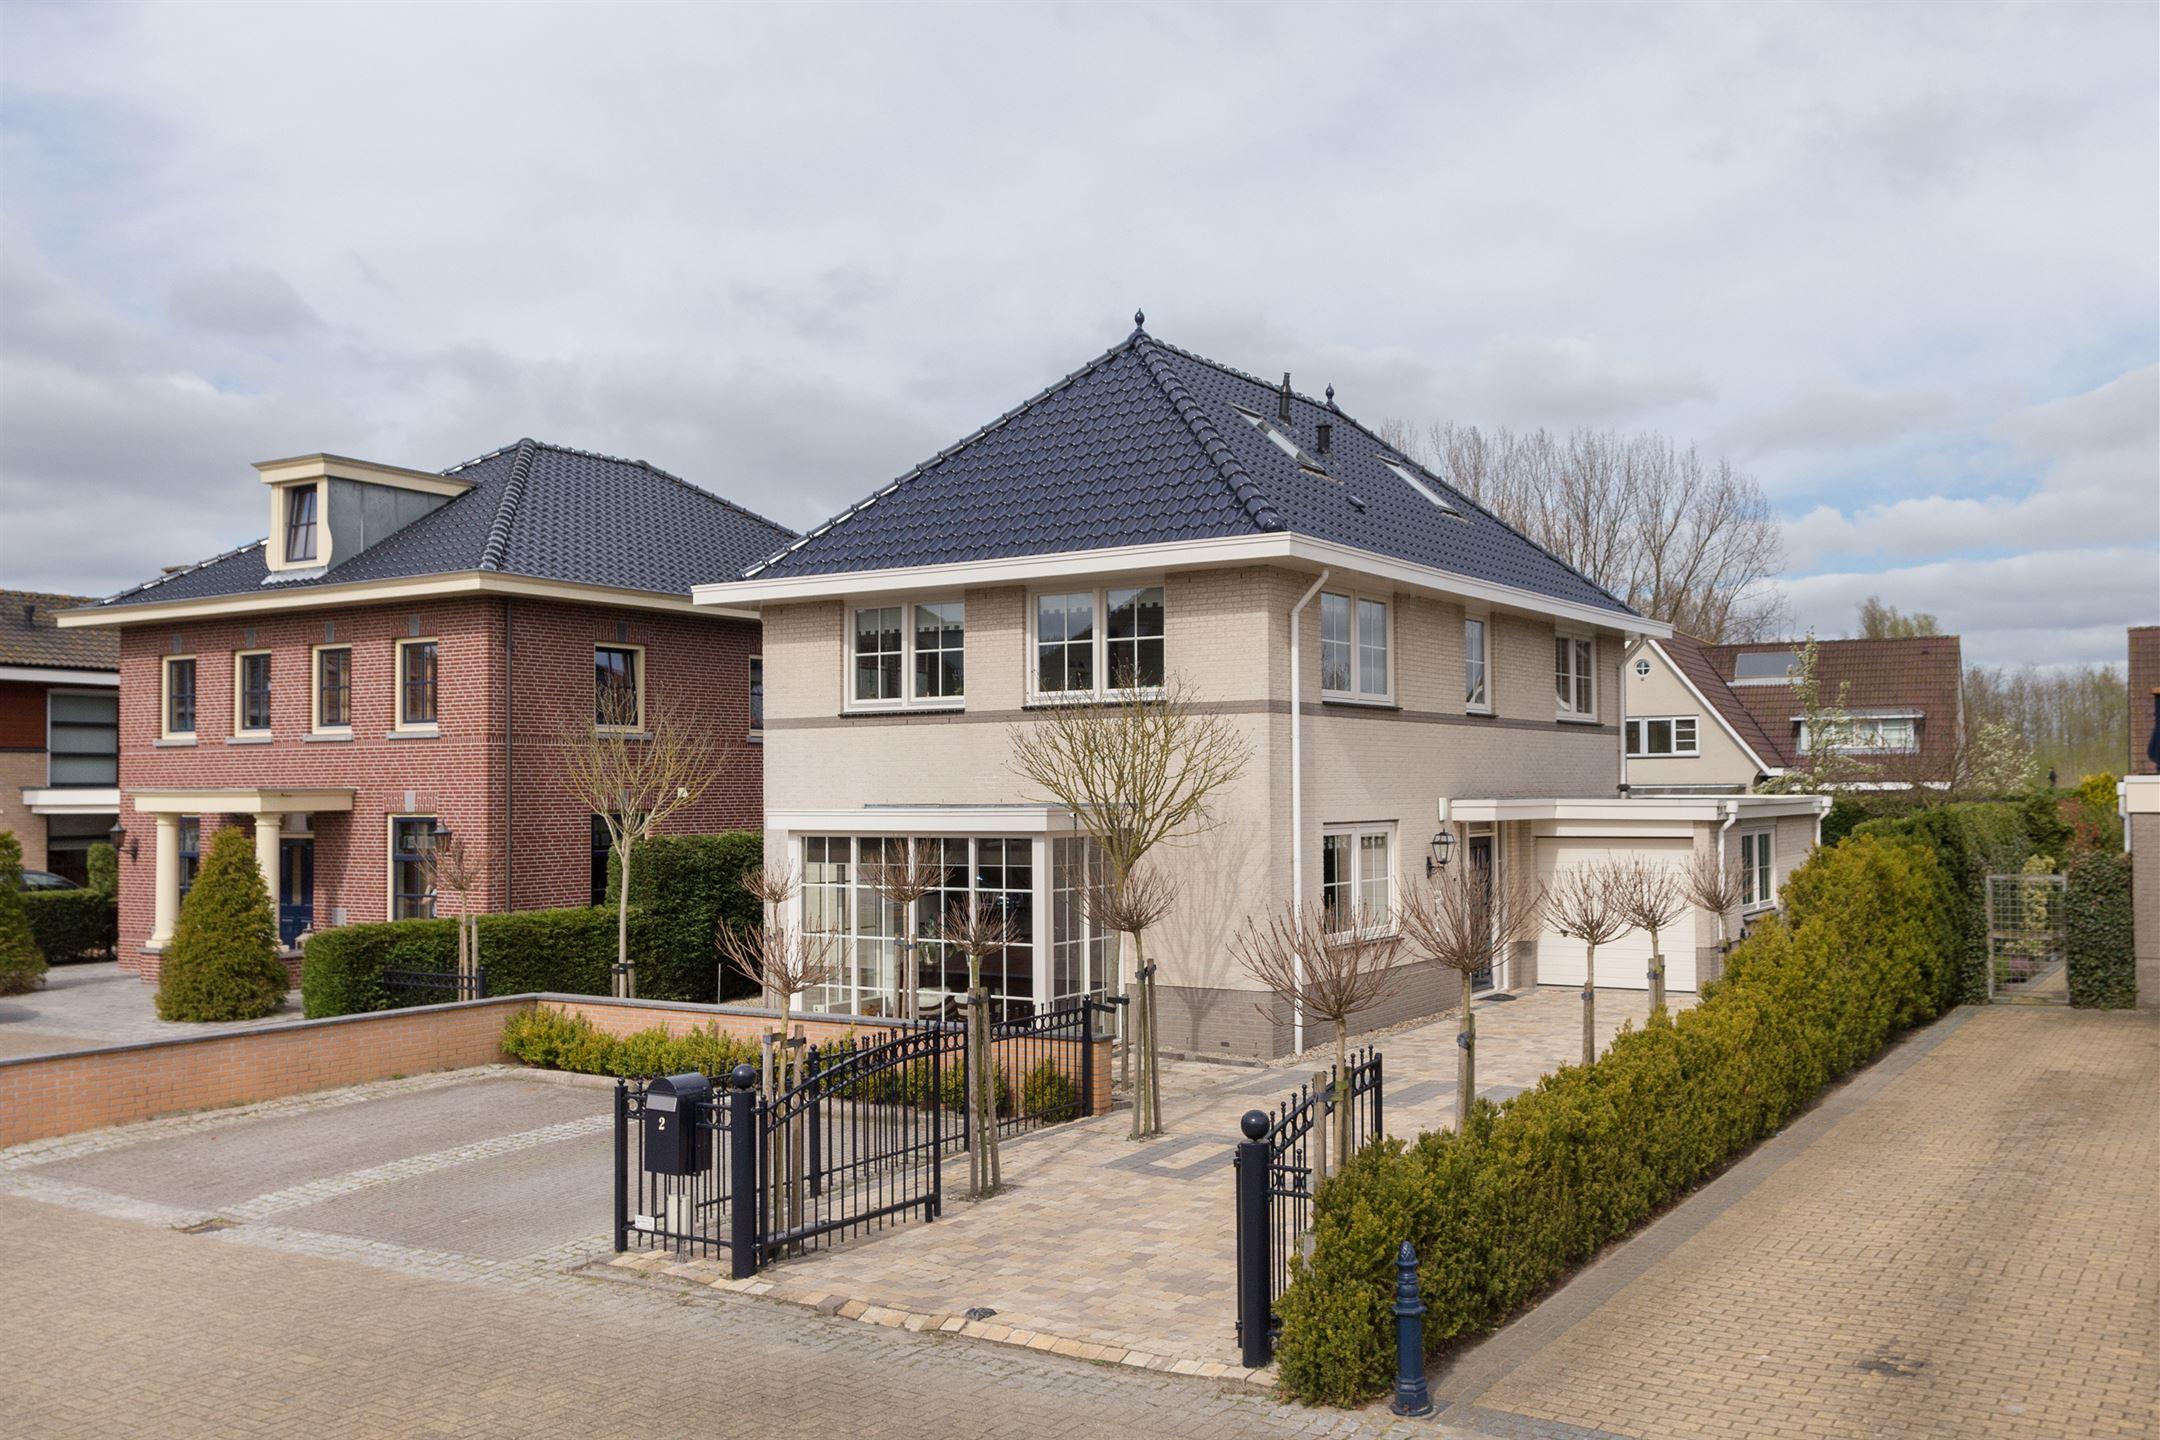 Huis te koop brigadier aad de jonghof 2 3069 rr rotterdam for Koopwoningen